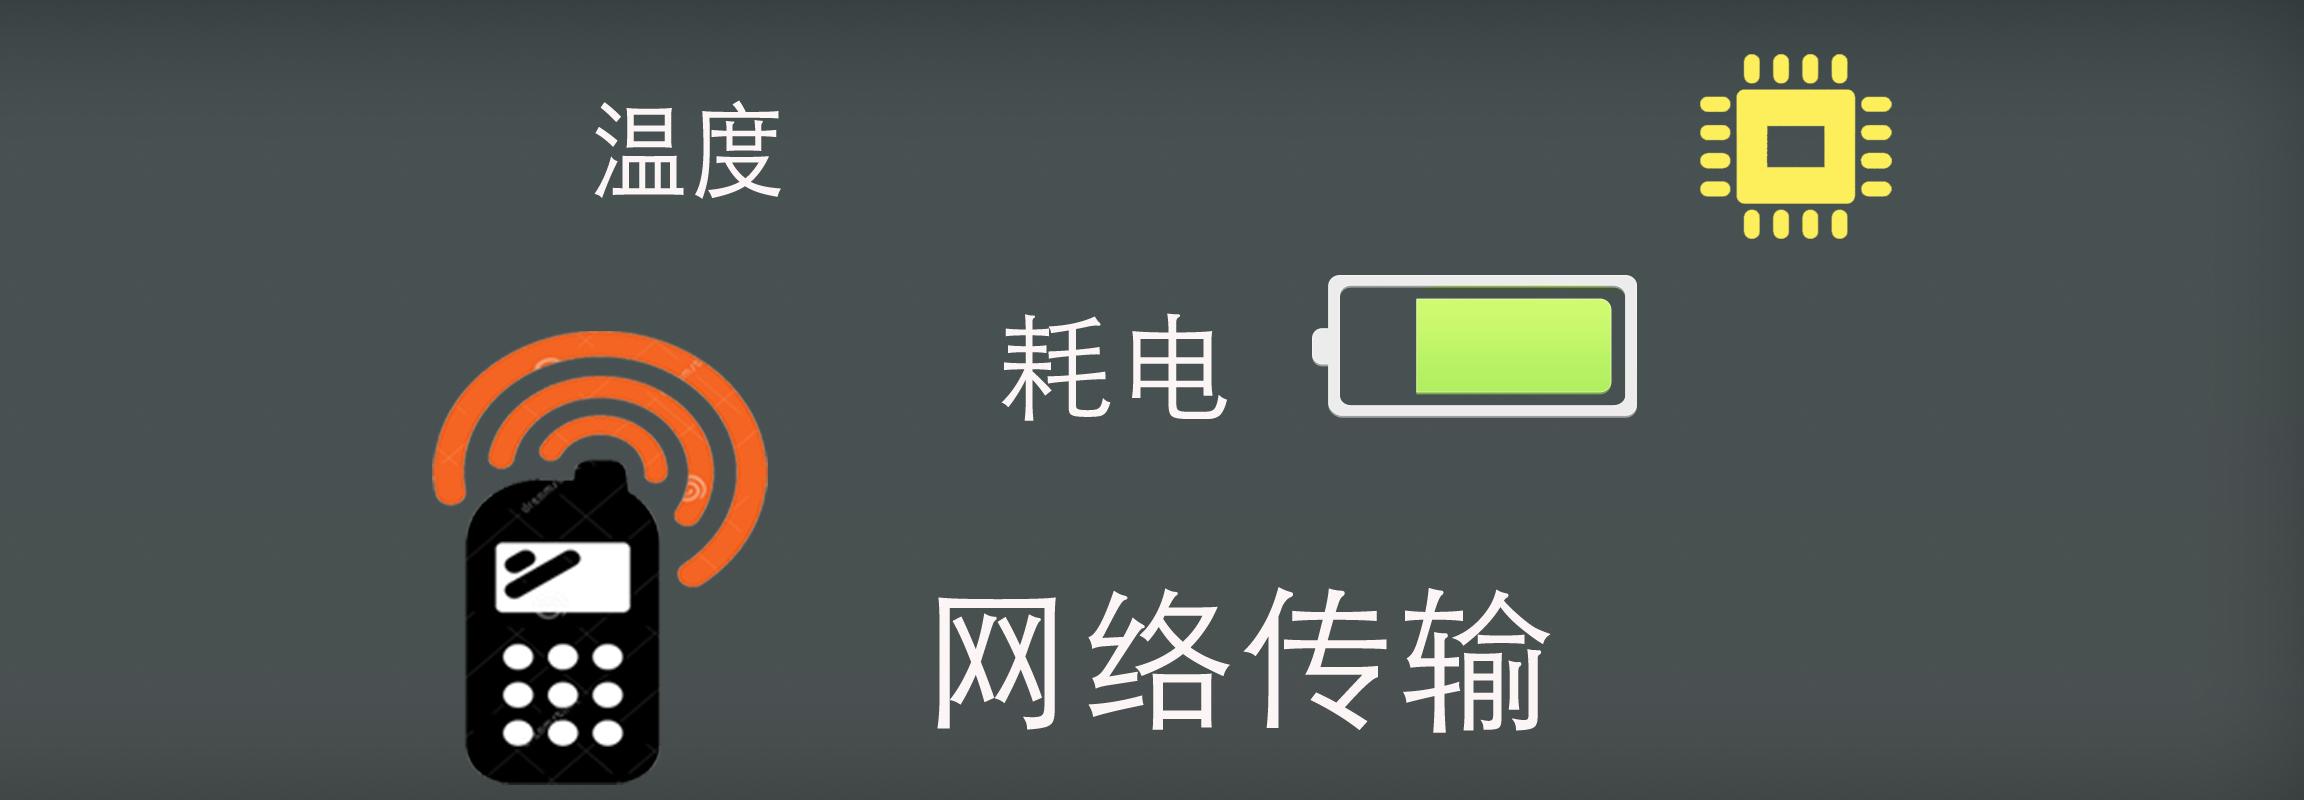 UWA新增硬件参数功能!